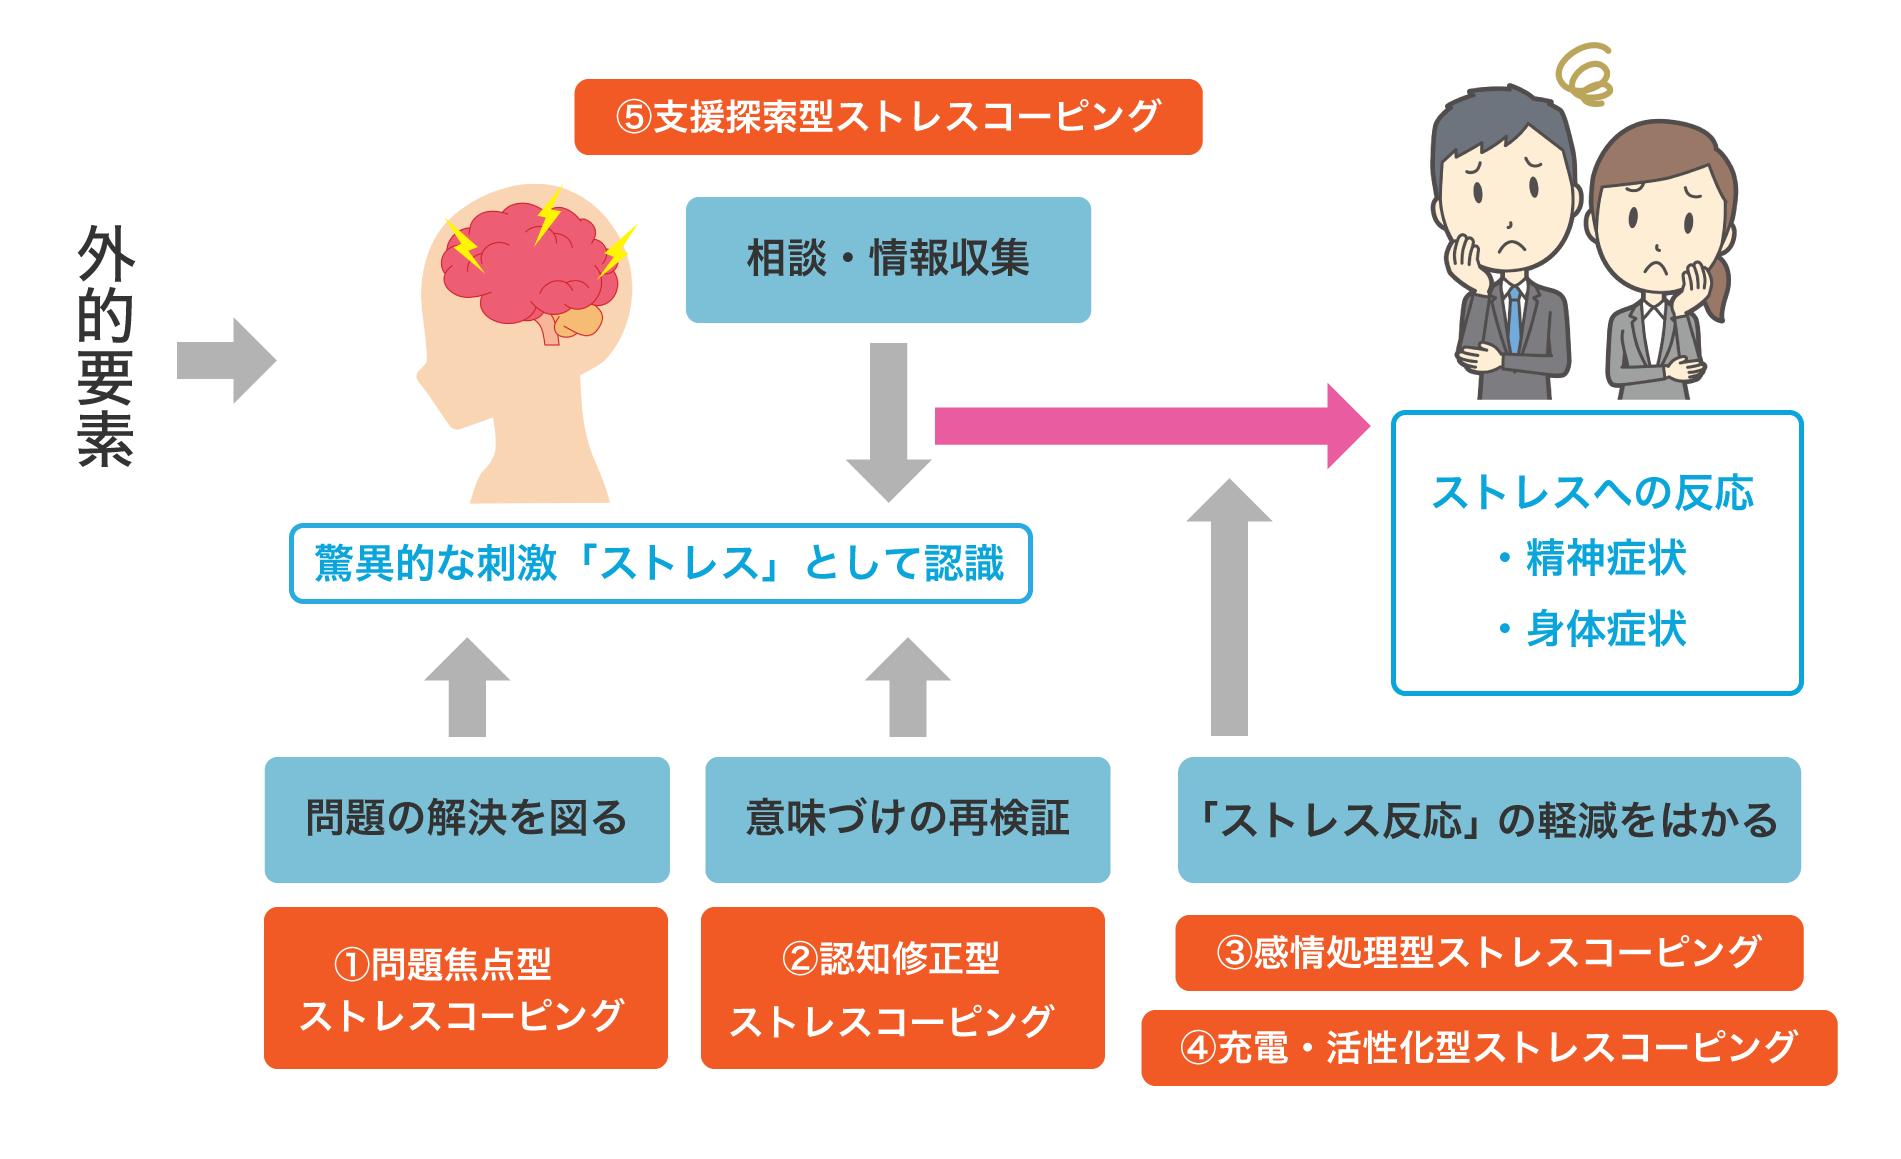 ストレスコーピング ストレス処理における3つの段階と5つの方法